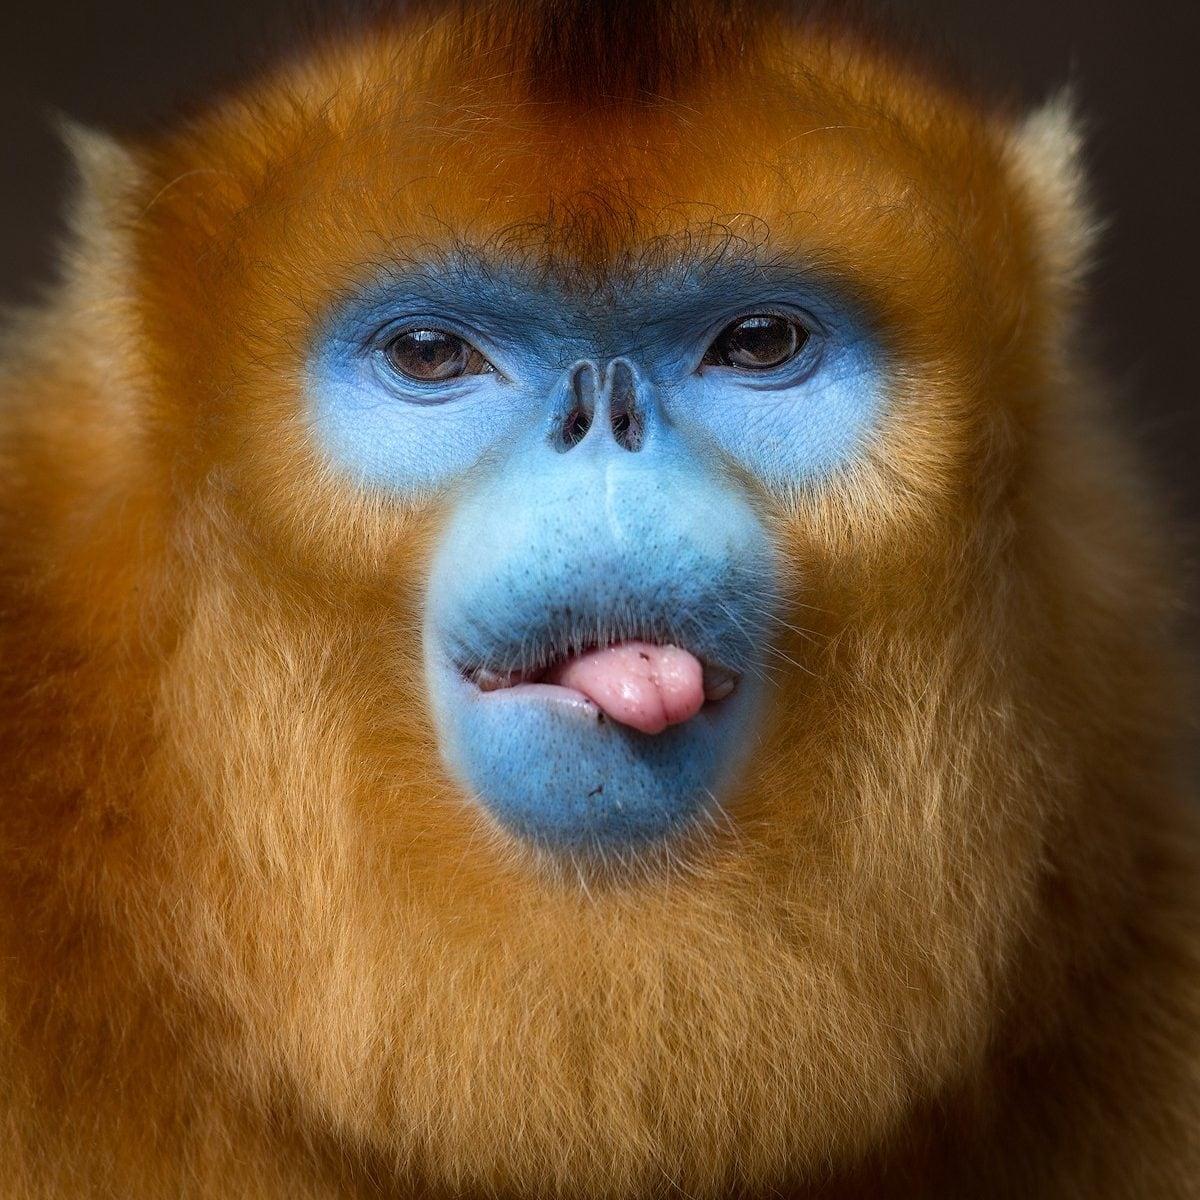 تصاویر روز: از قایق سواری دسته جمعی بابانوئلها در ایتالیا تا زبان درازی میمون در معرض انقراض در چین